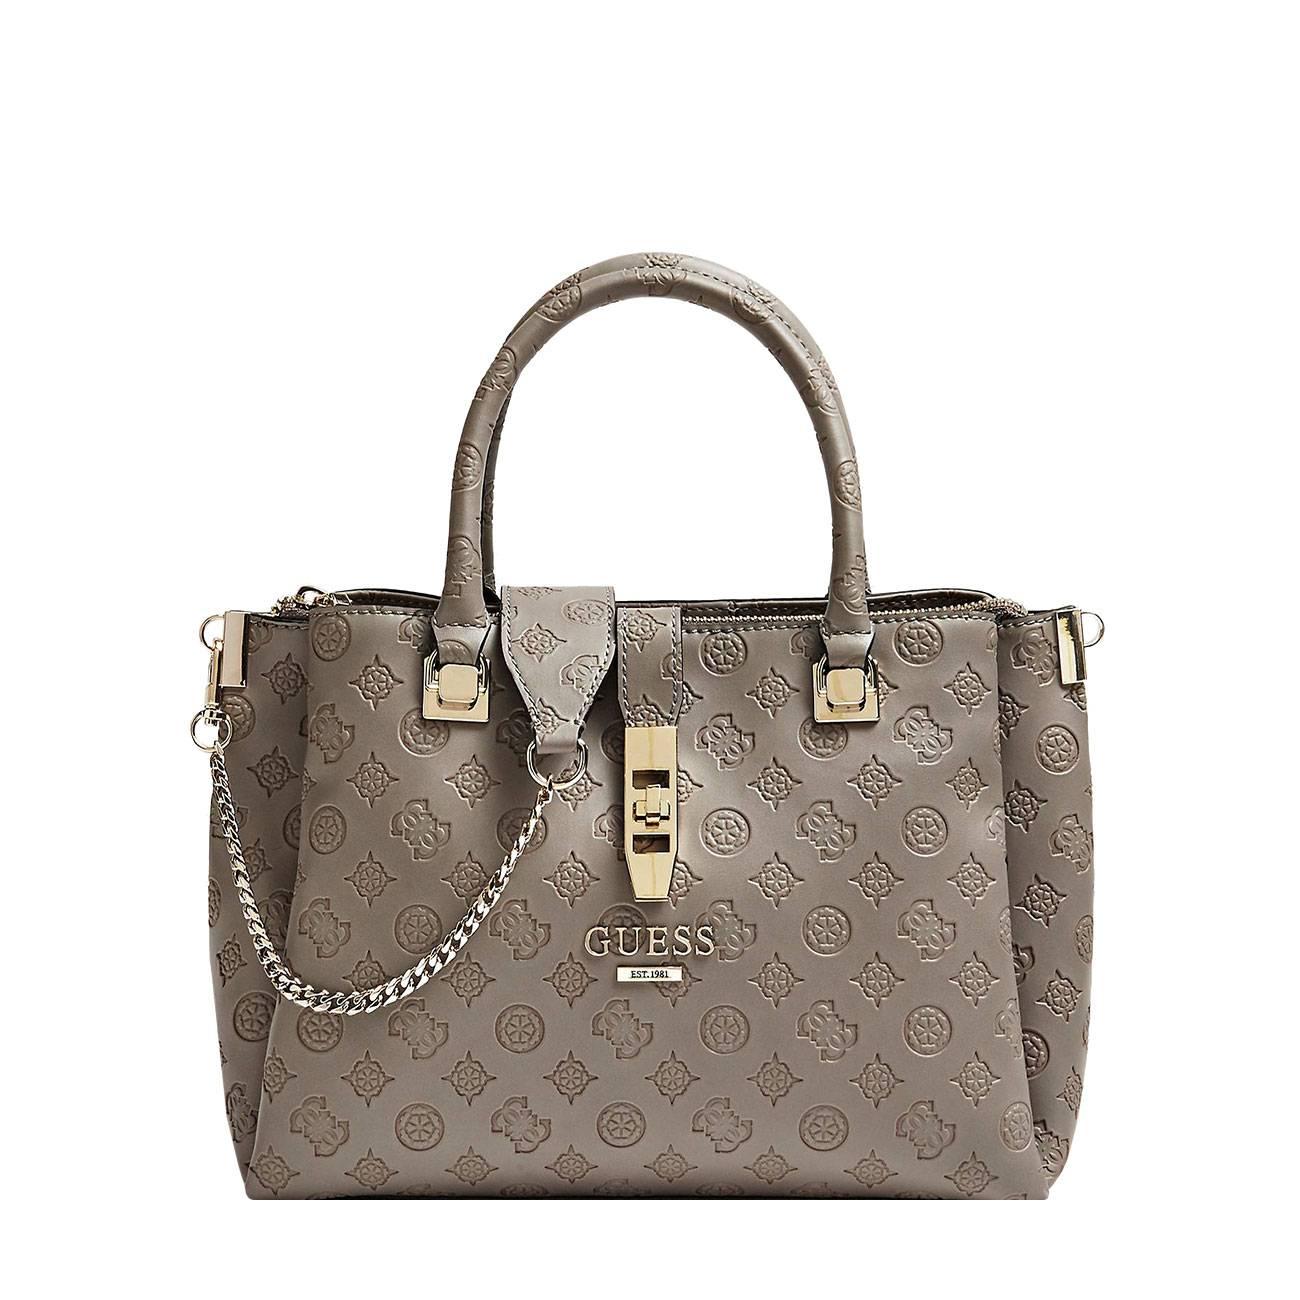 Peony Handbag